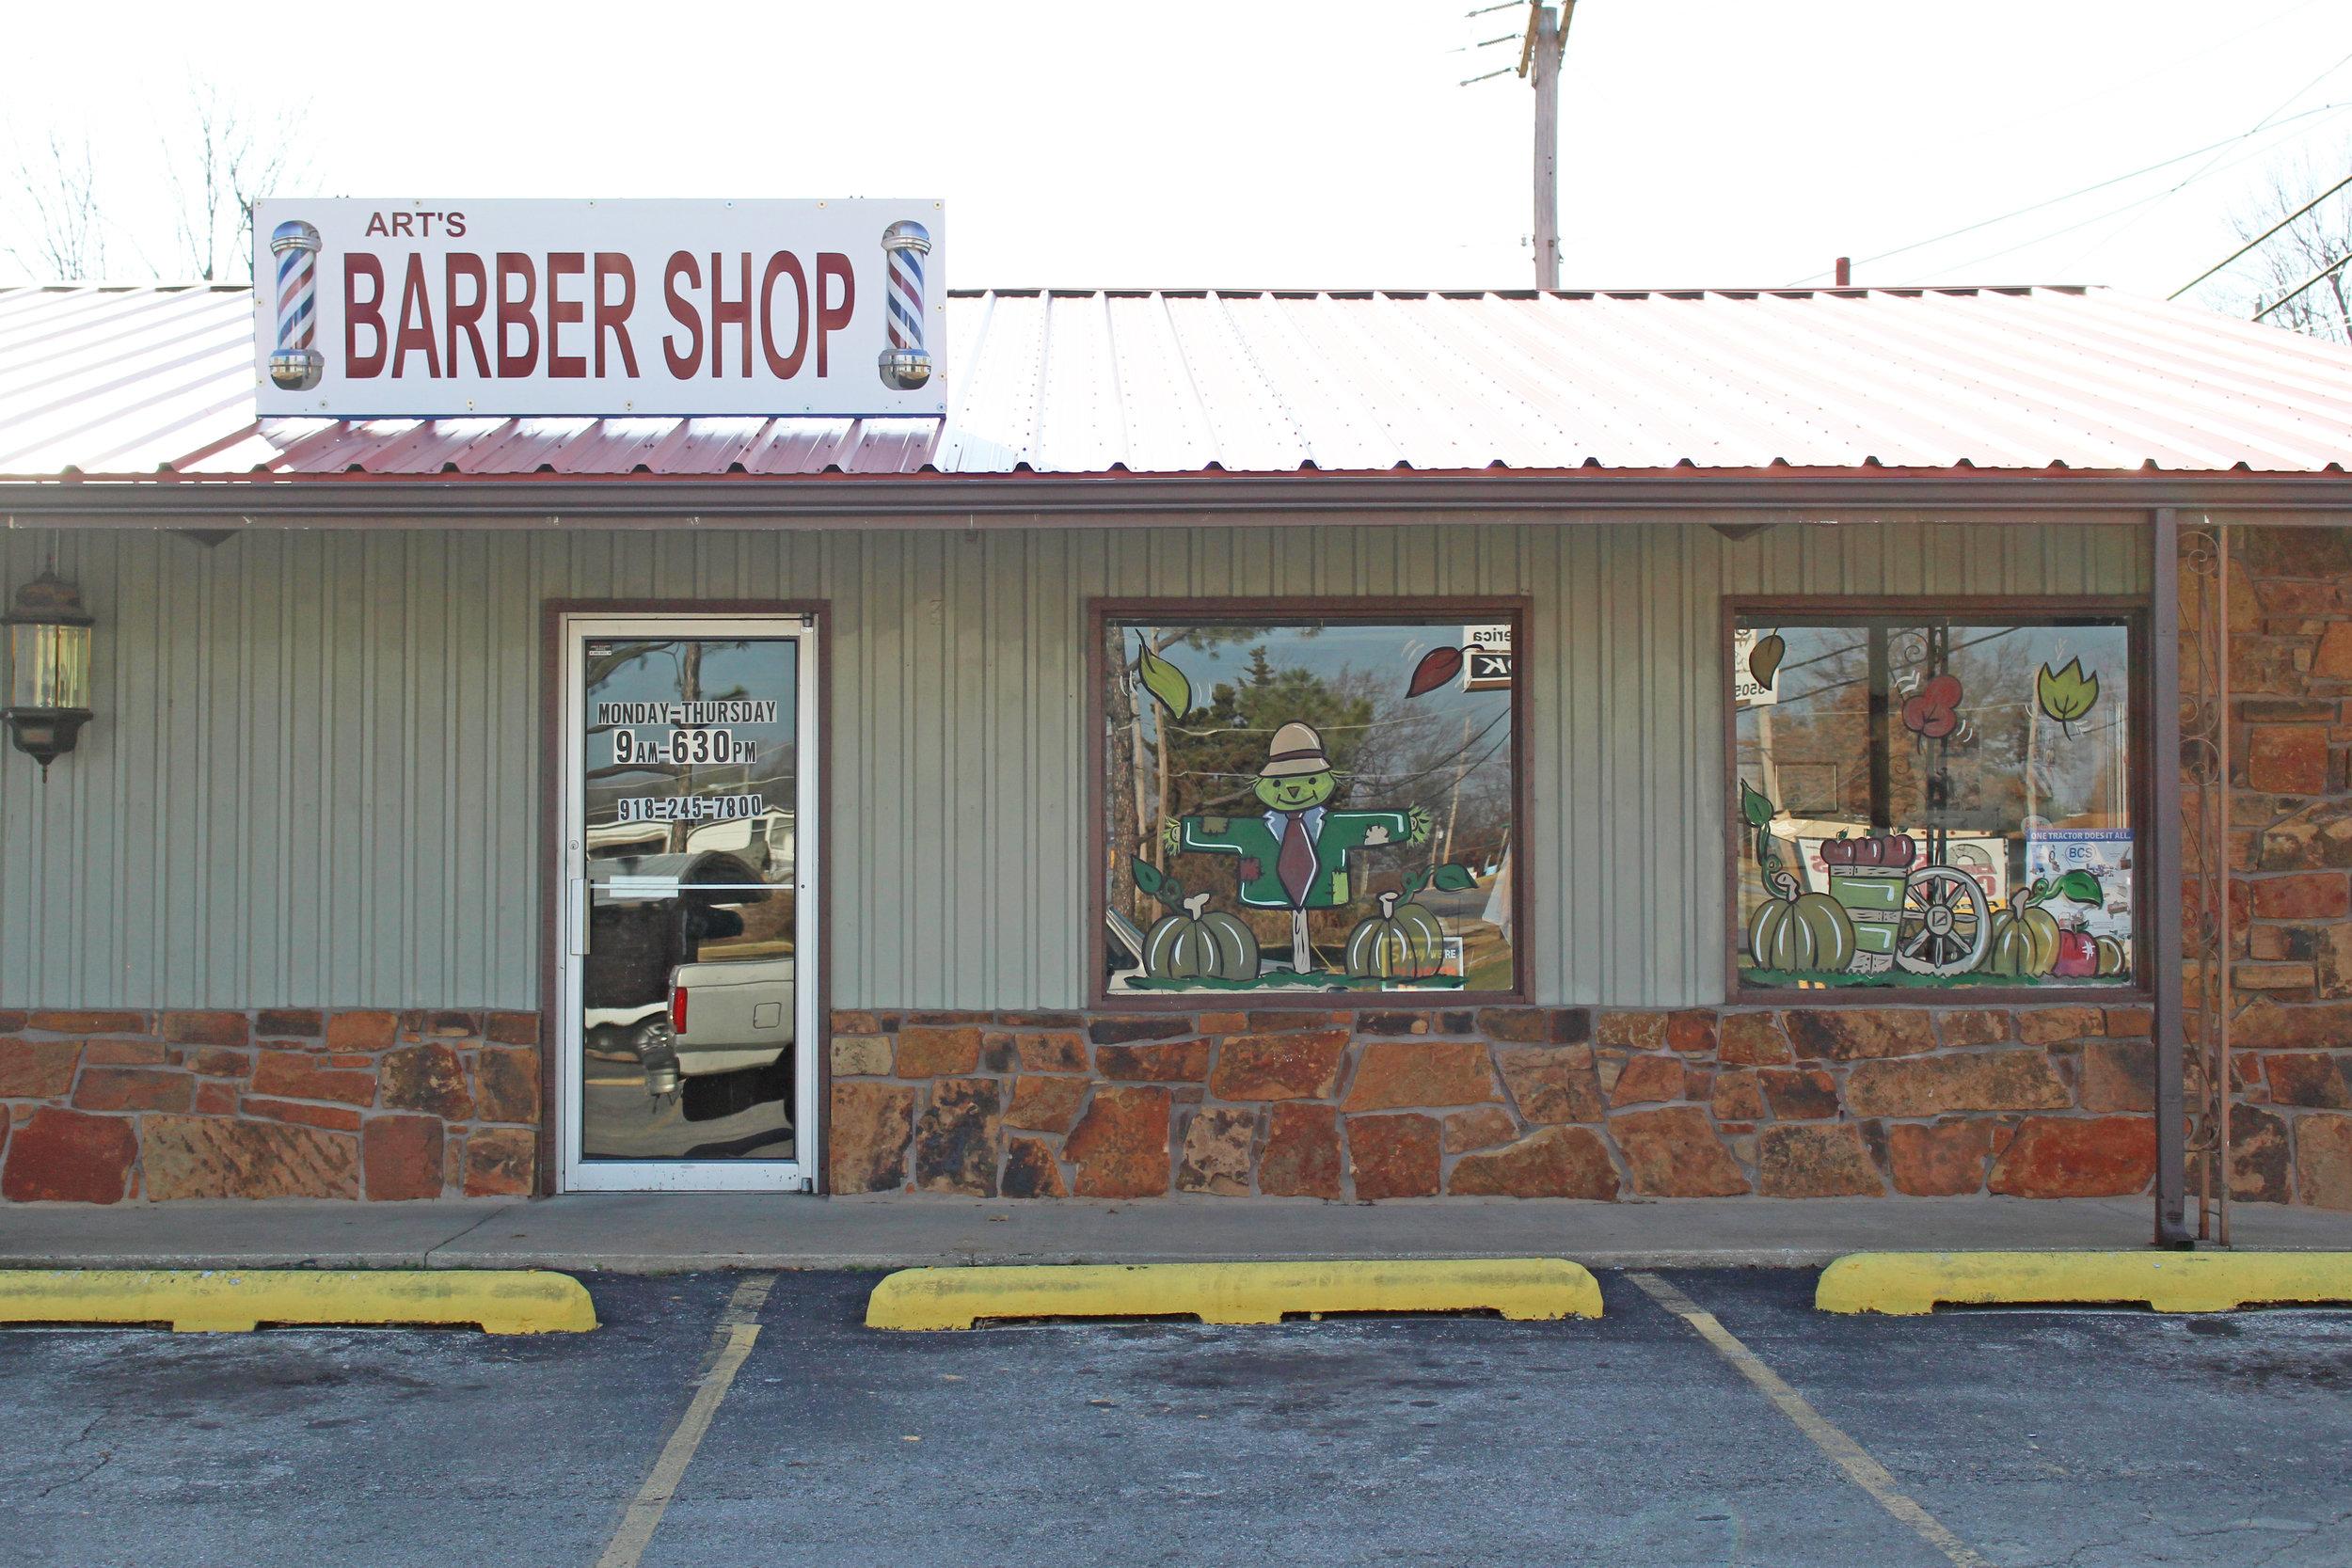 art's barber shop - sandite center 3505 south 113th west avenue